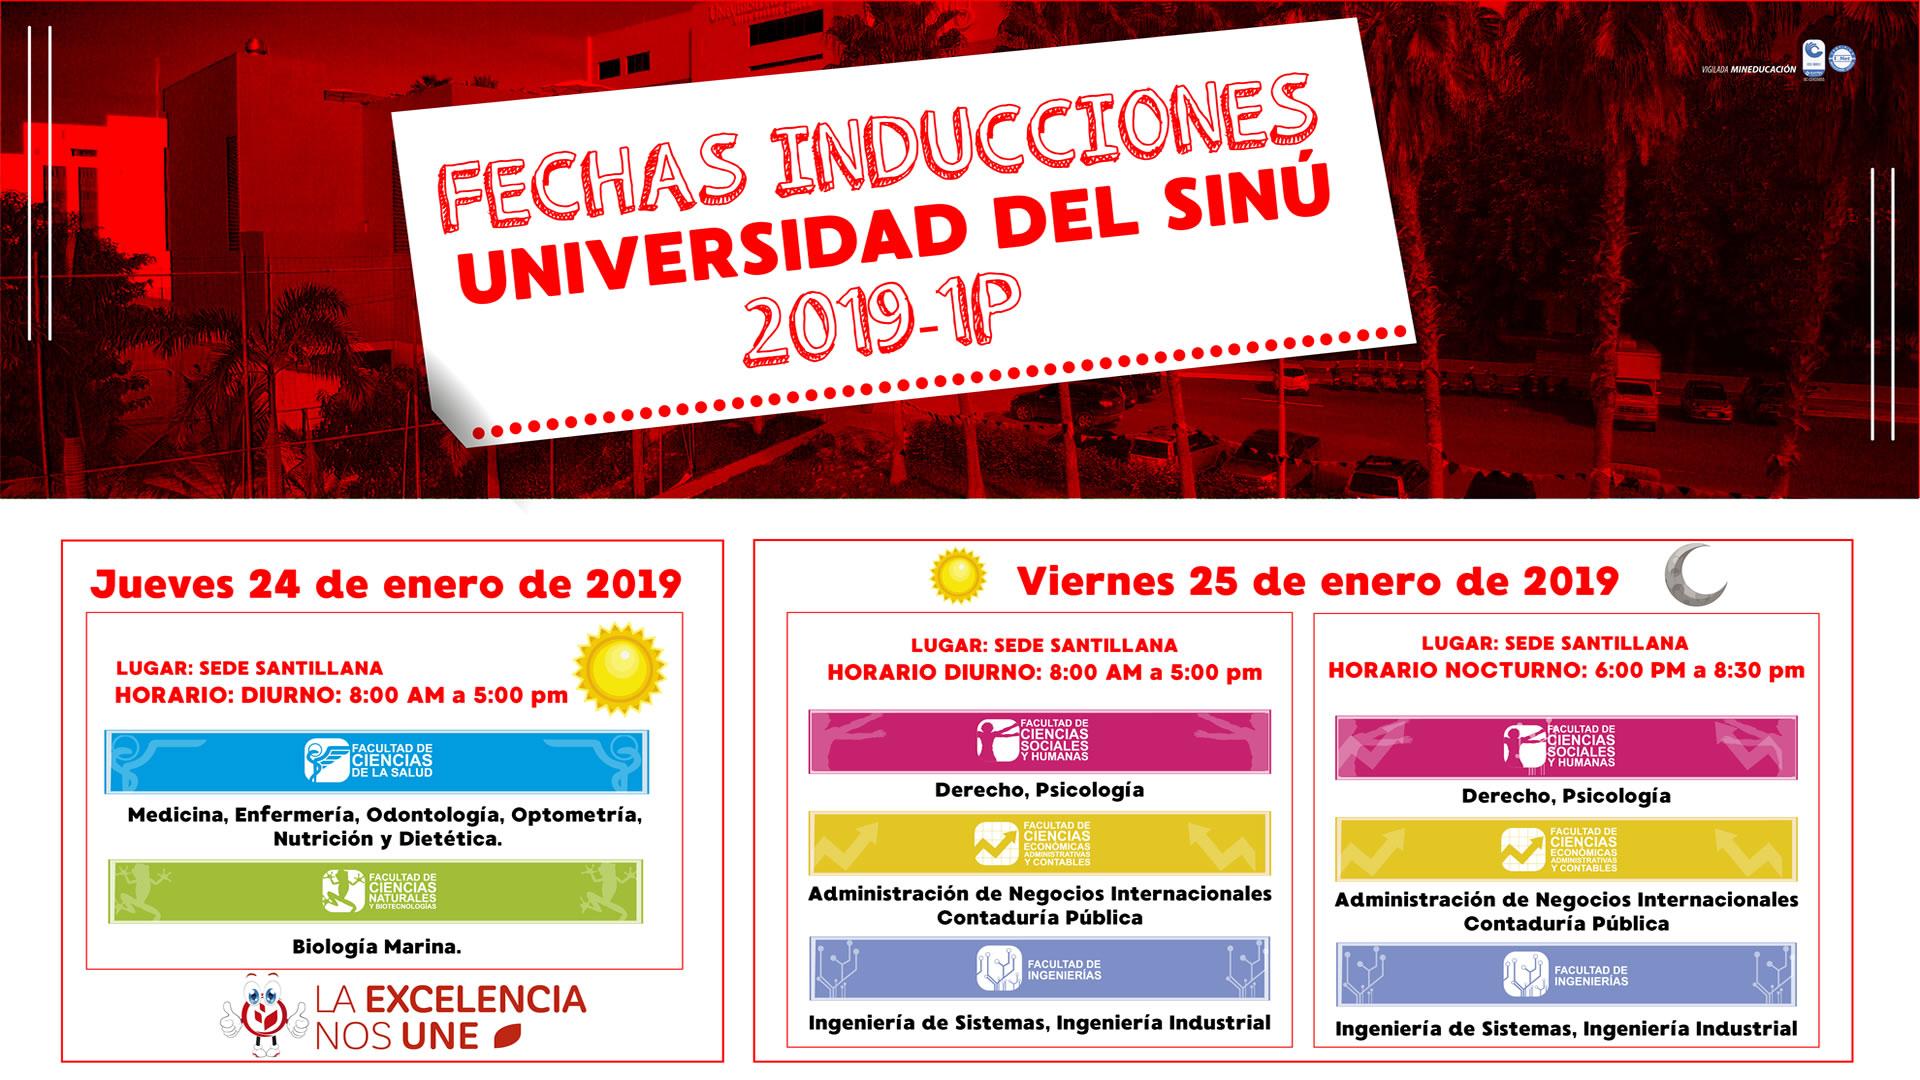 FECHAS-INDUCCIONES 2019 1P